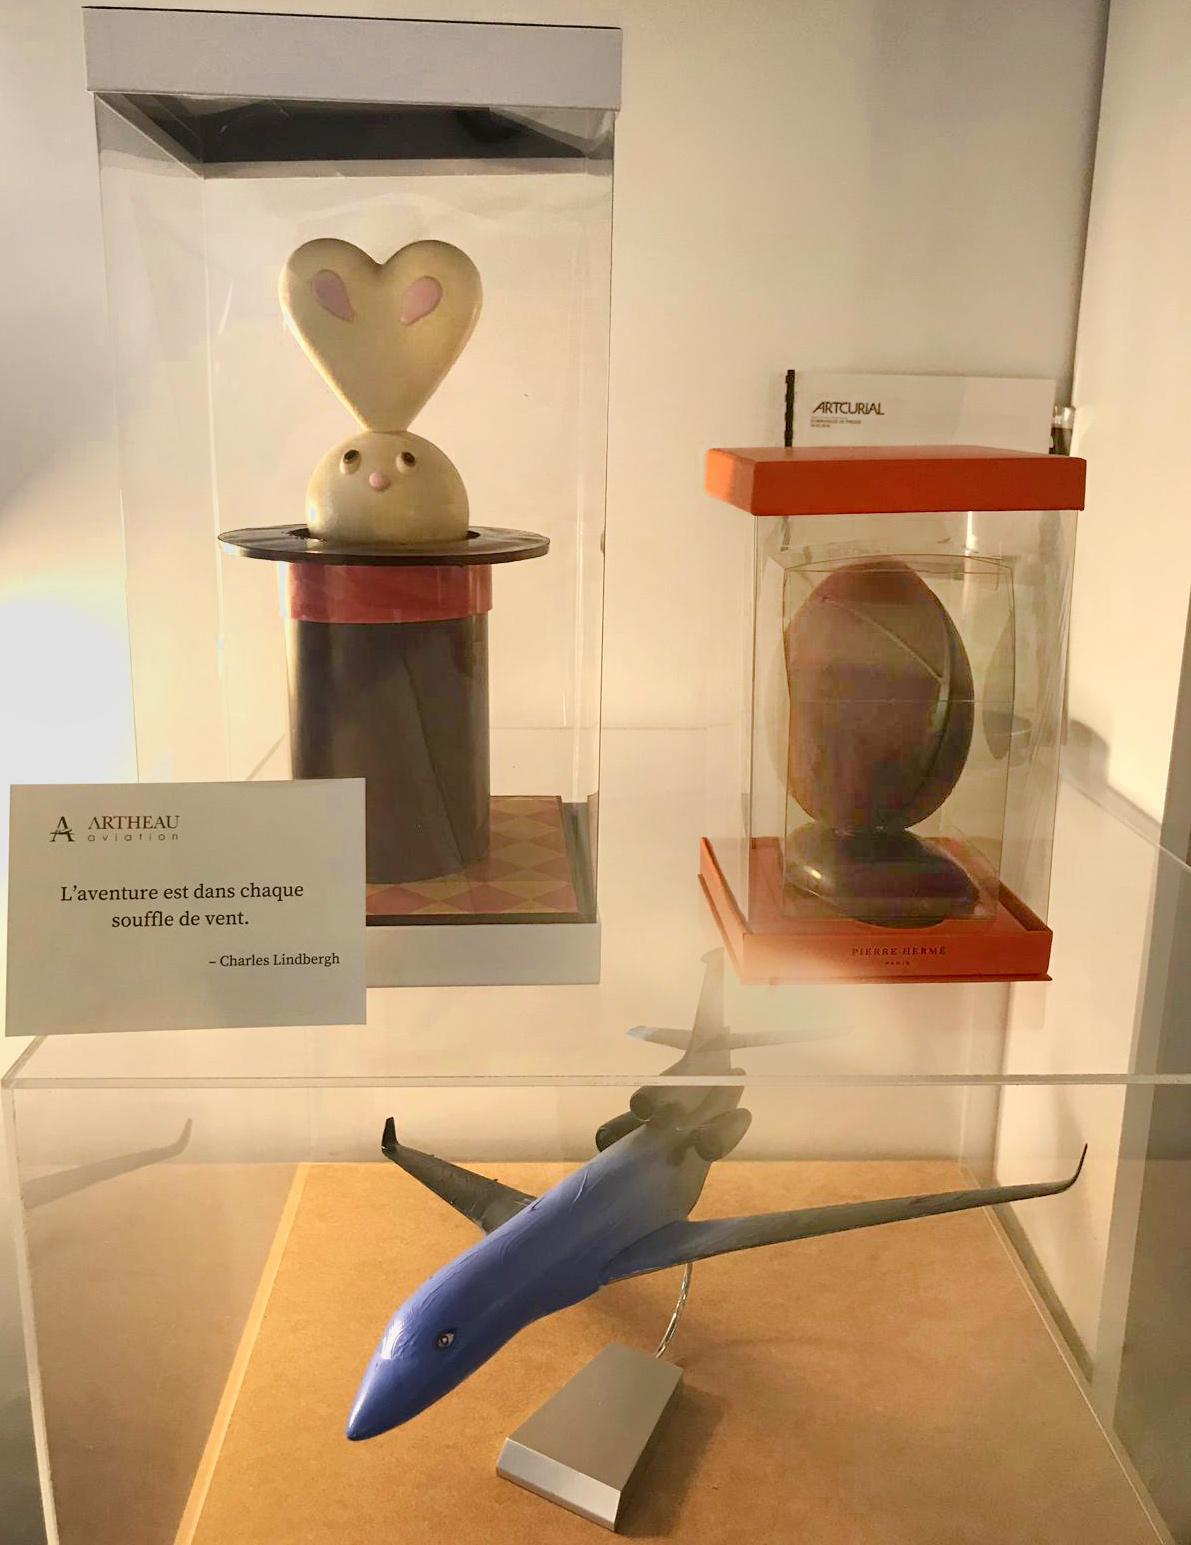 Artheau Aviation offre des chocolats pour Pâques à ses clients